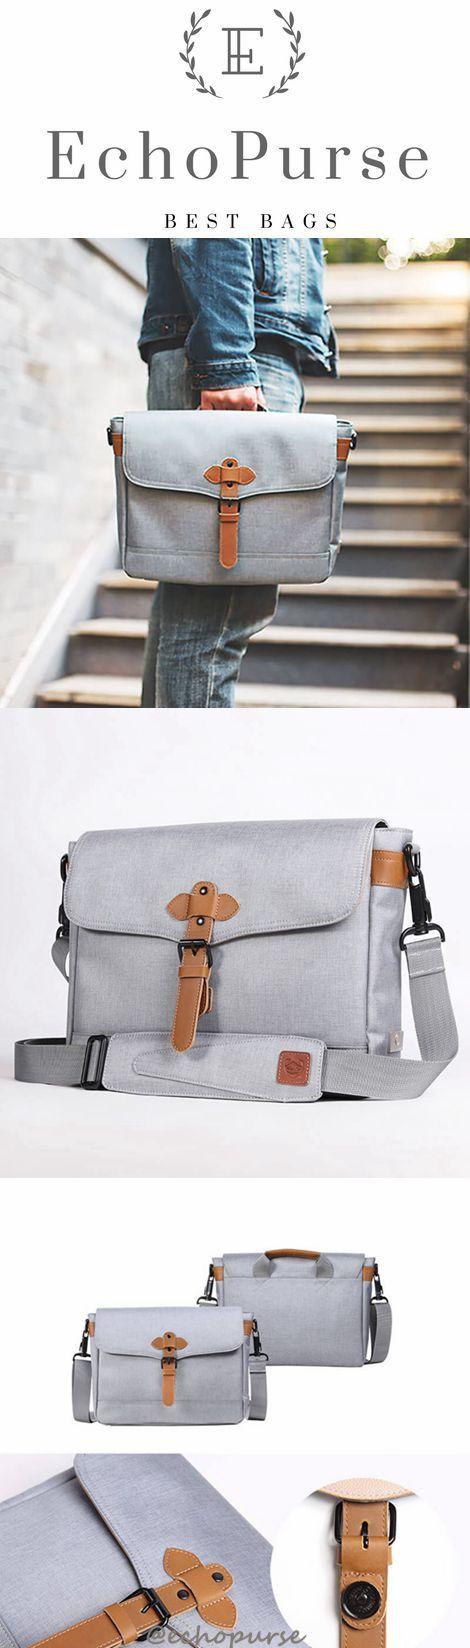 Canvas Shoulder Bag, Messenger Bag, Waterproof Crossbody Bag 083